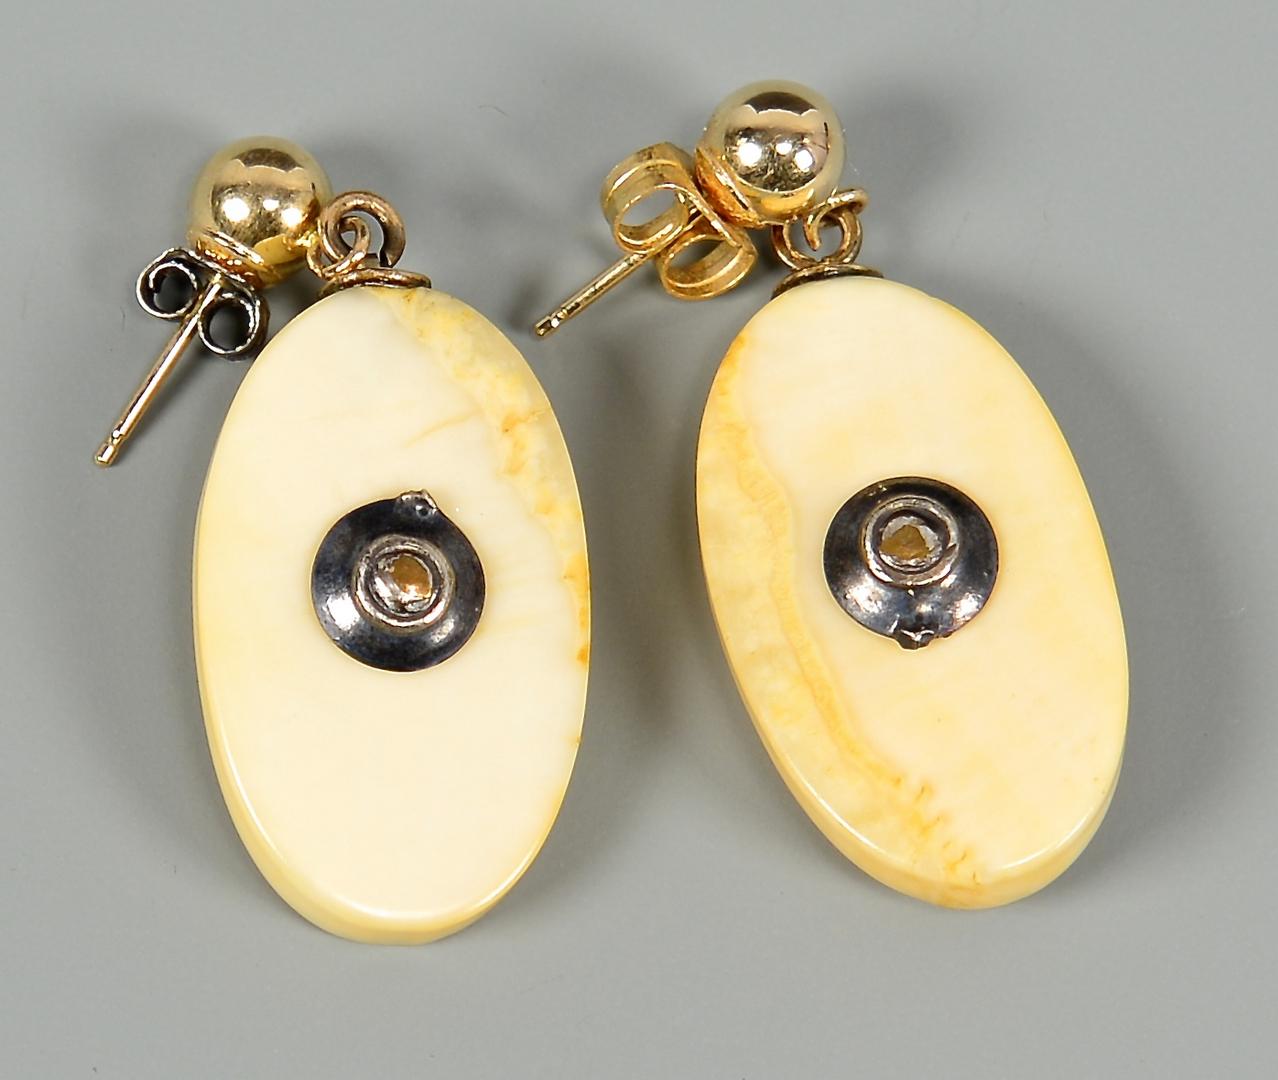 Lot 4010144 Alaskan Scrimshaw Ivory Gold Nugget Jewelry Set Howard Weyahok